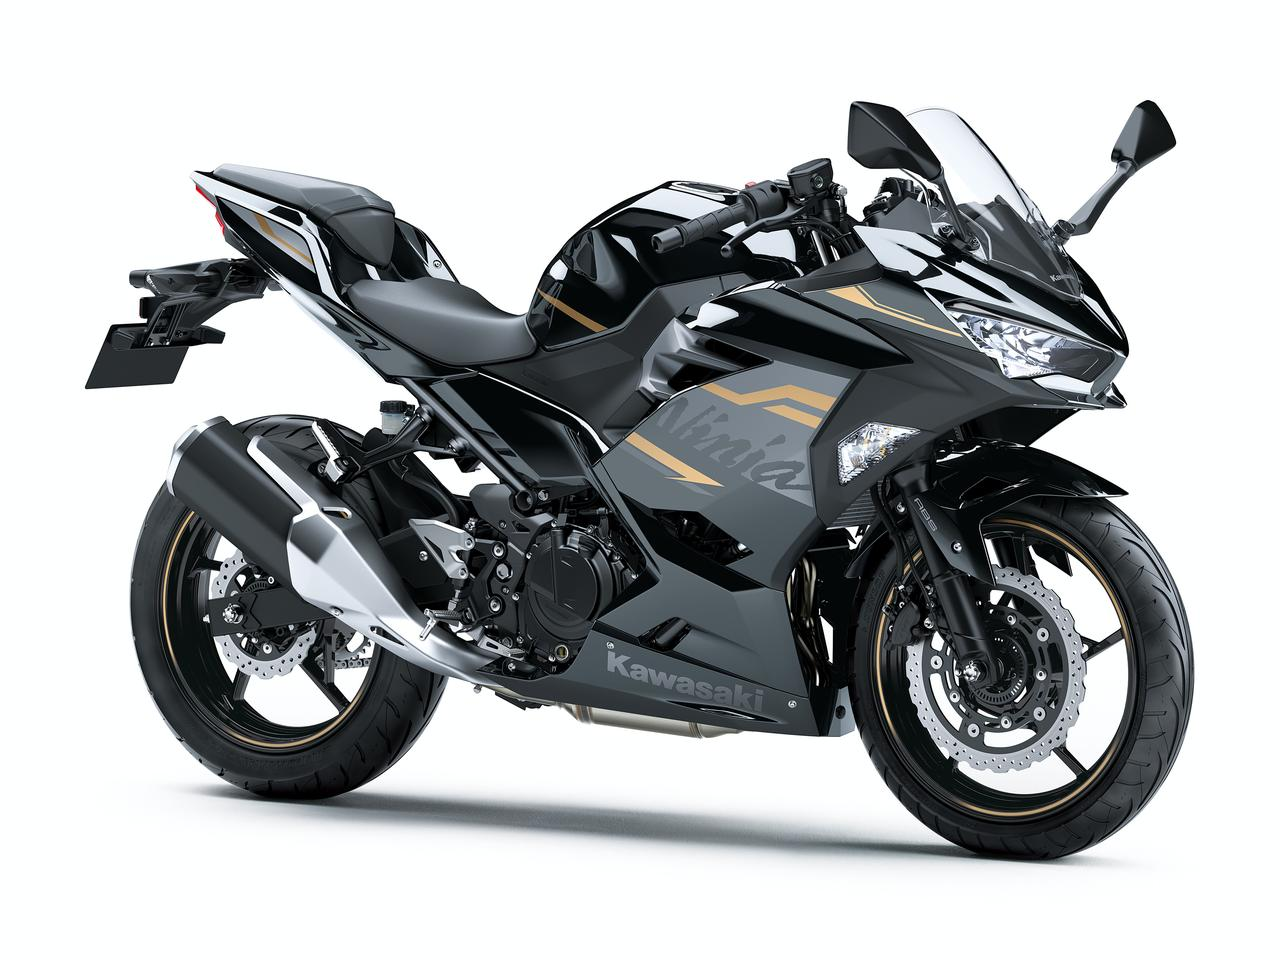 画像1: カワサキ「Ninja250」の2020年モデルは、Ninja400とそっくり!「Ninja 250 KRT EDITION」も合わせて9月1日(日)に発売!